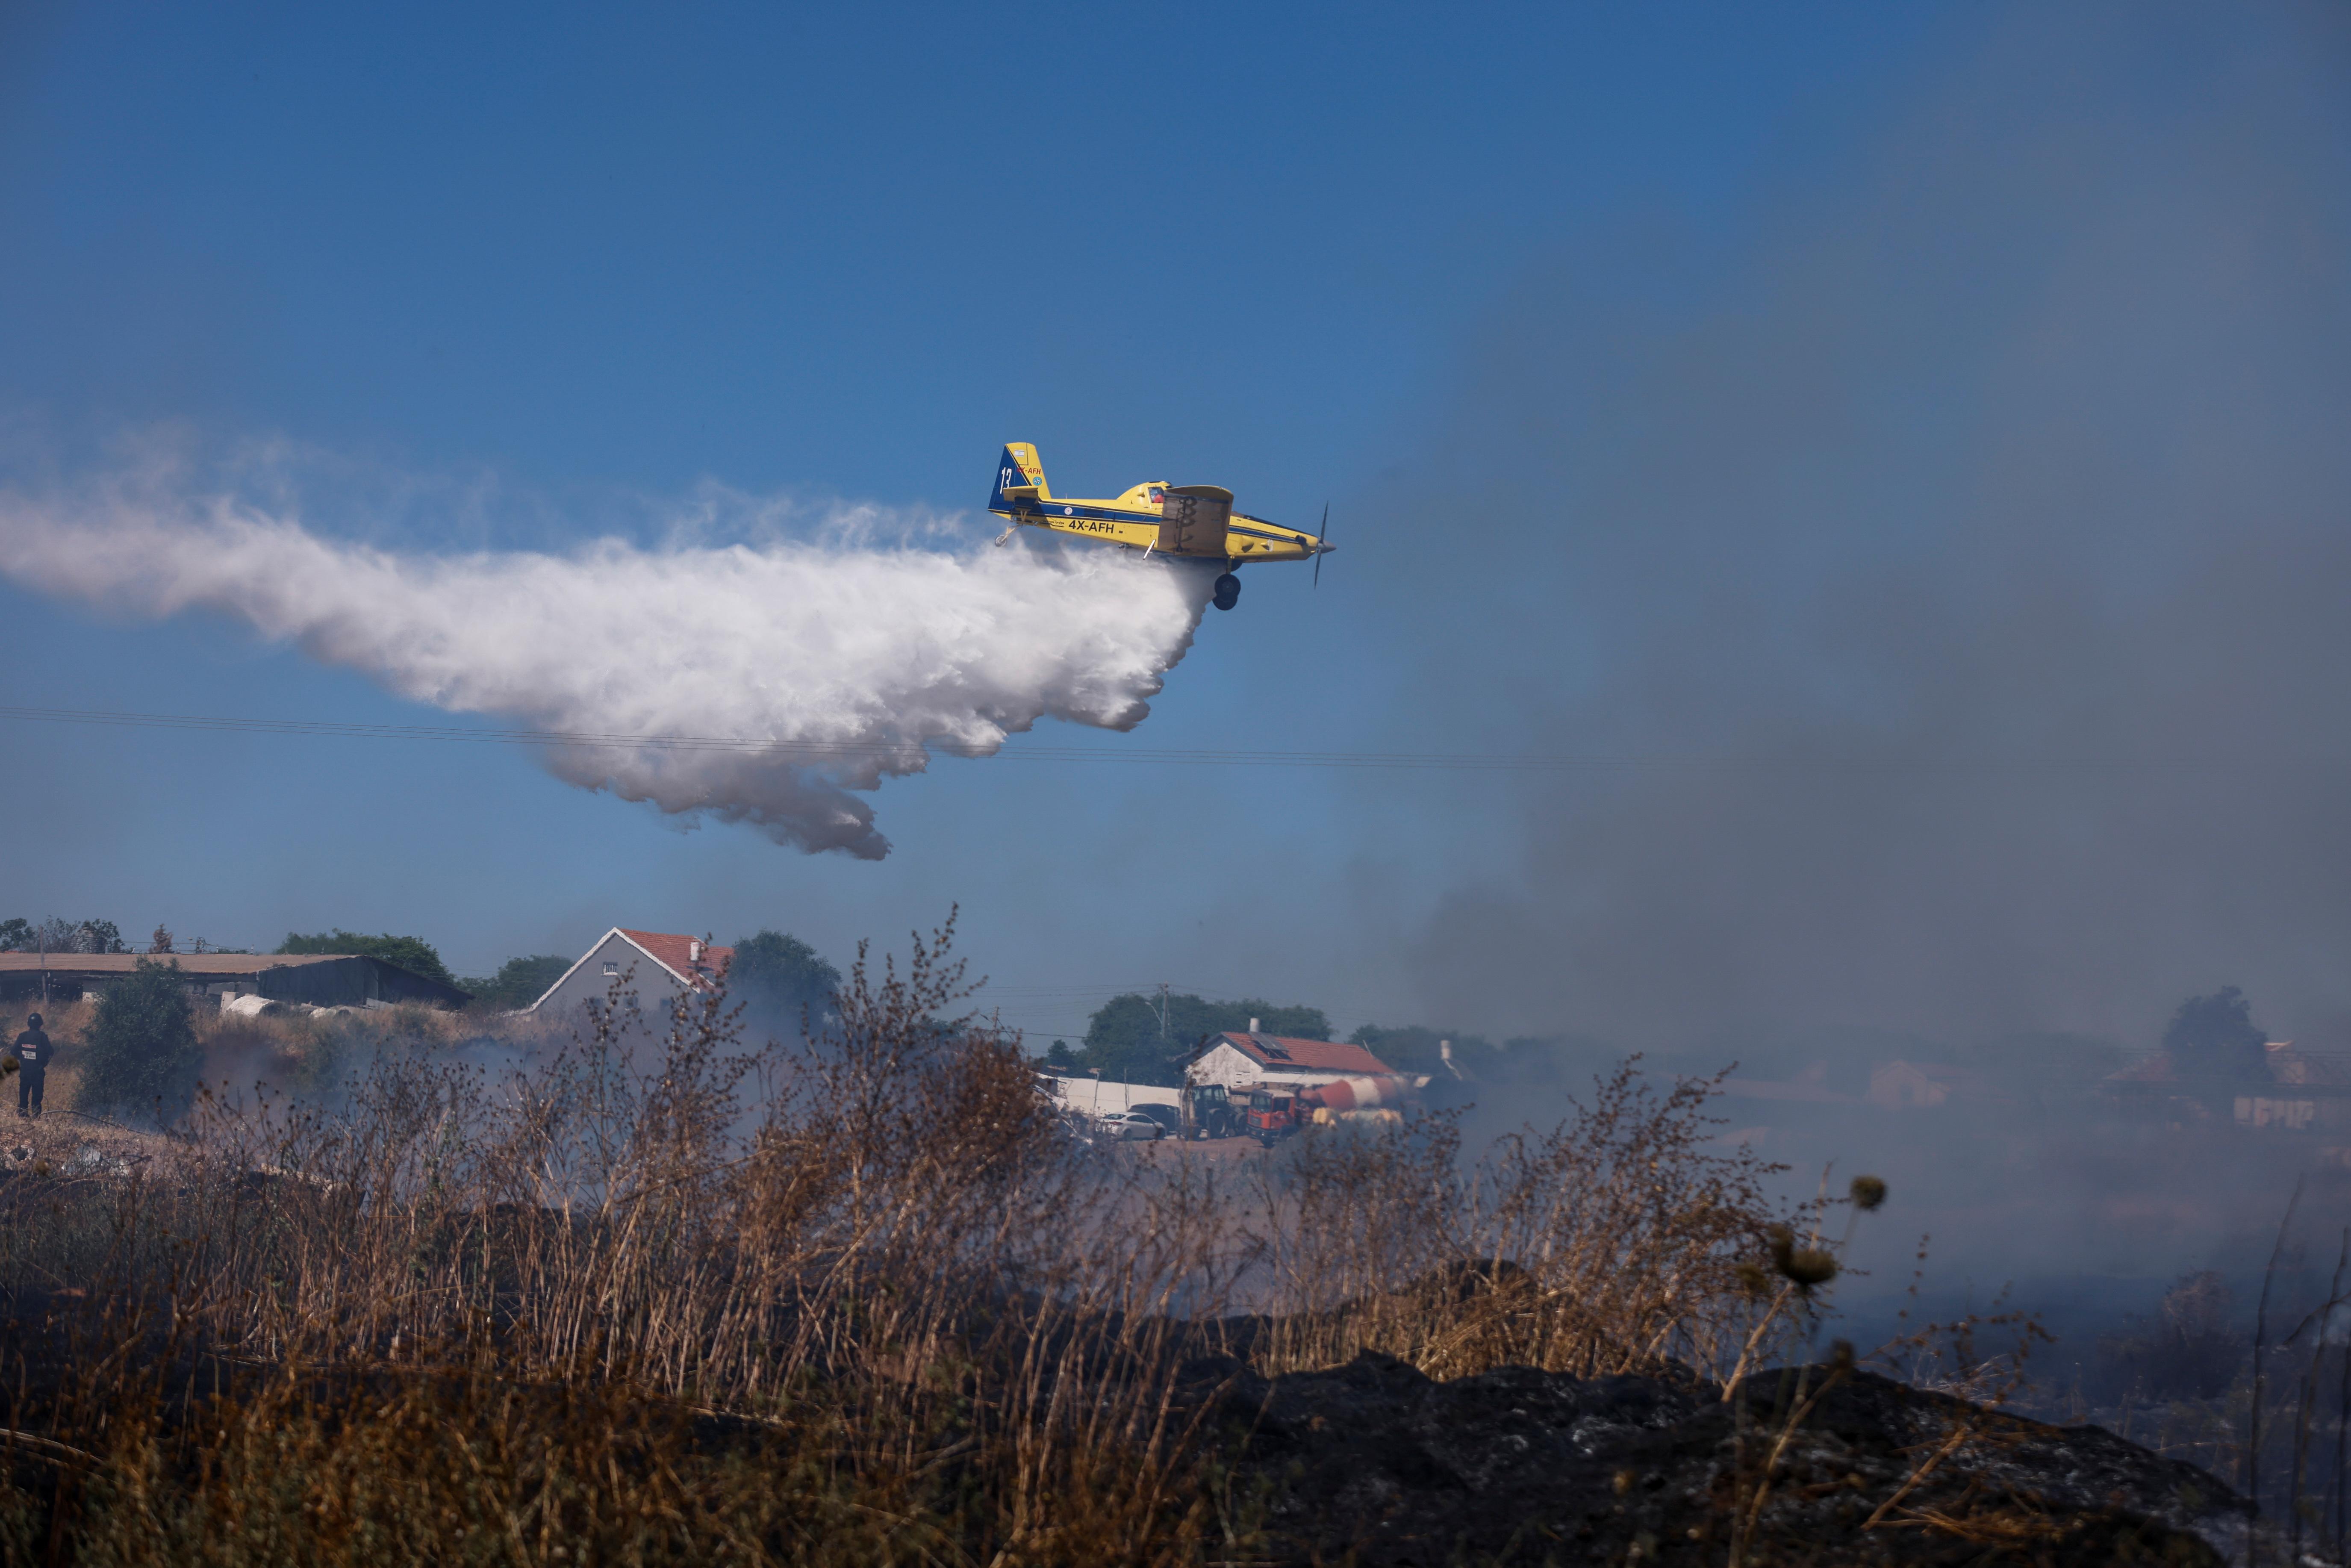 गाजा पट्टी से दागे गए रॉकेट के बाद लगी आग को बुझाने के लिए पानी की बरसात करता इजराइली एयरफोर्स का फाइटर प्लेन।